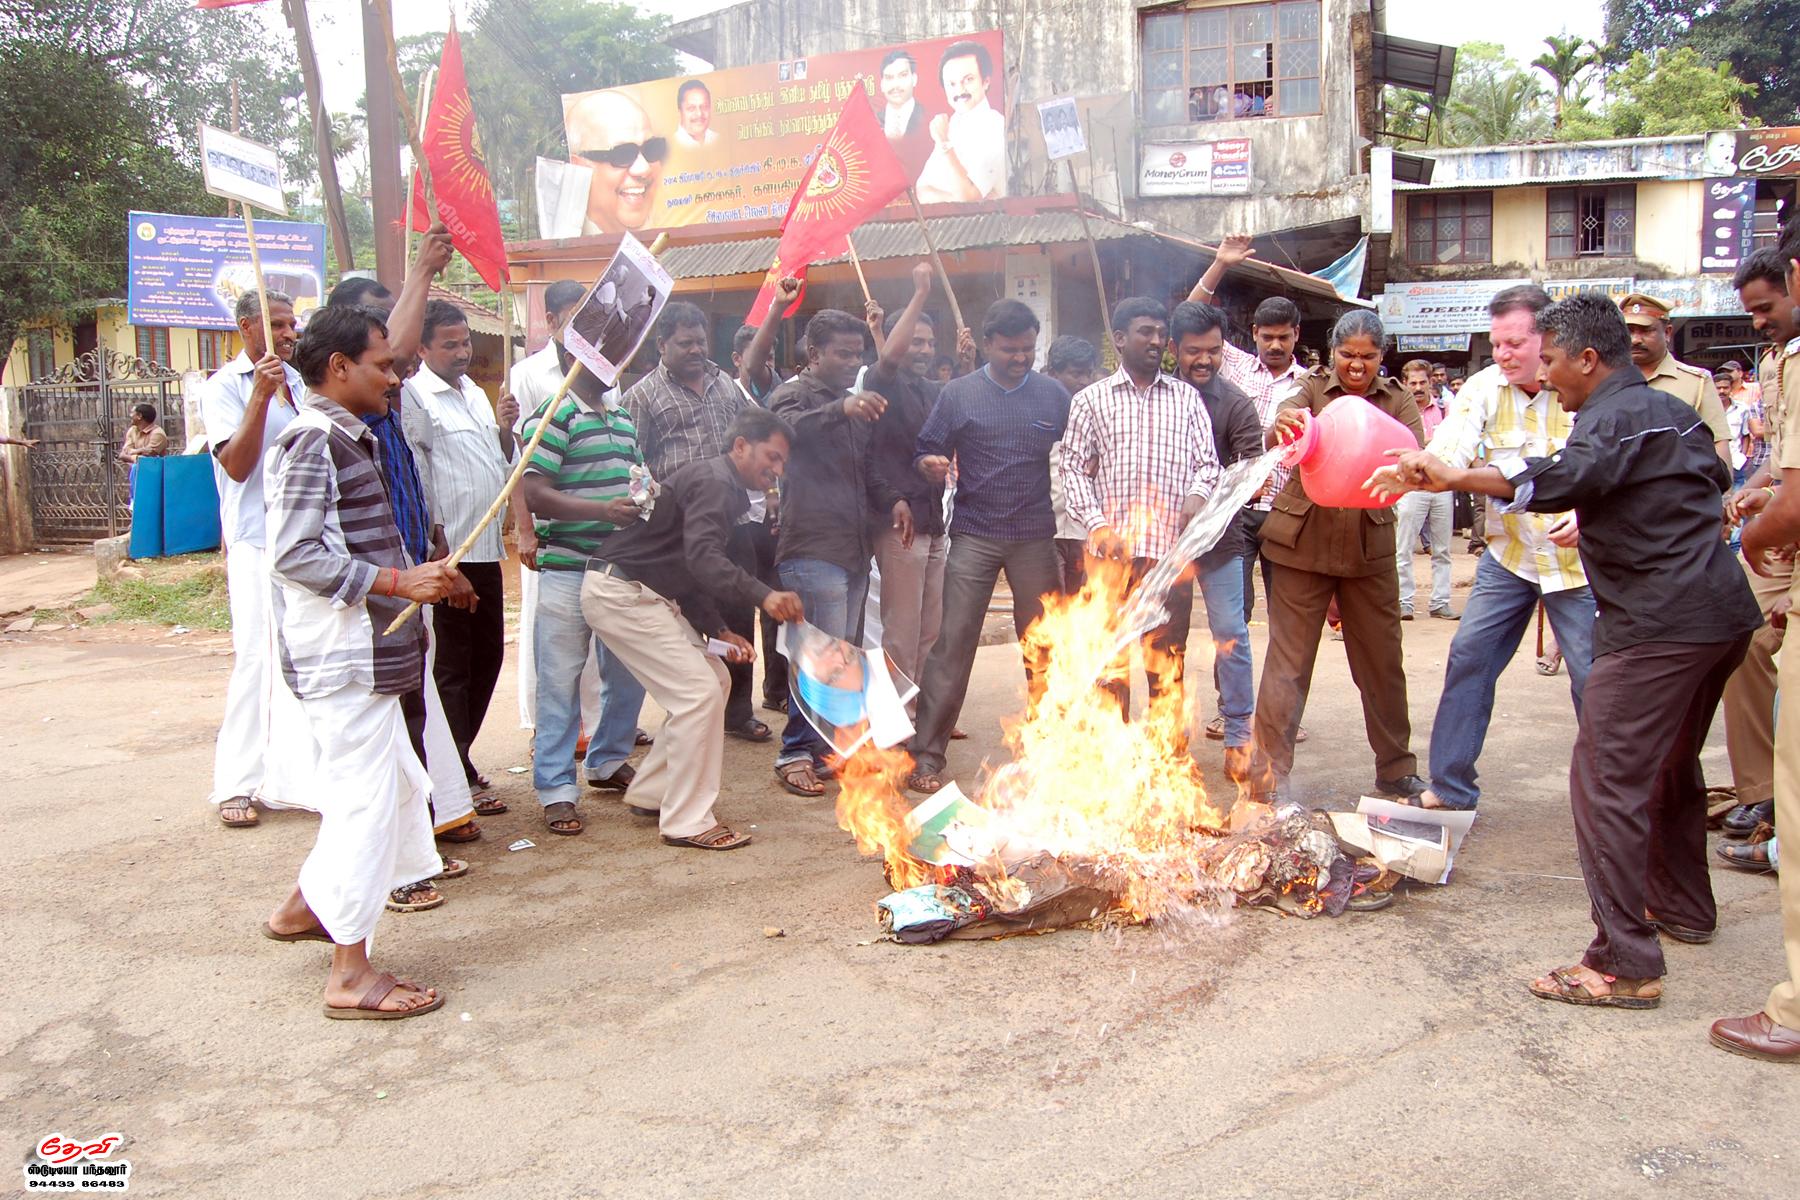 முற்றுகை: நாம் தமிழர் கட்சியினர் 32 பேர் கைது